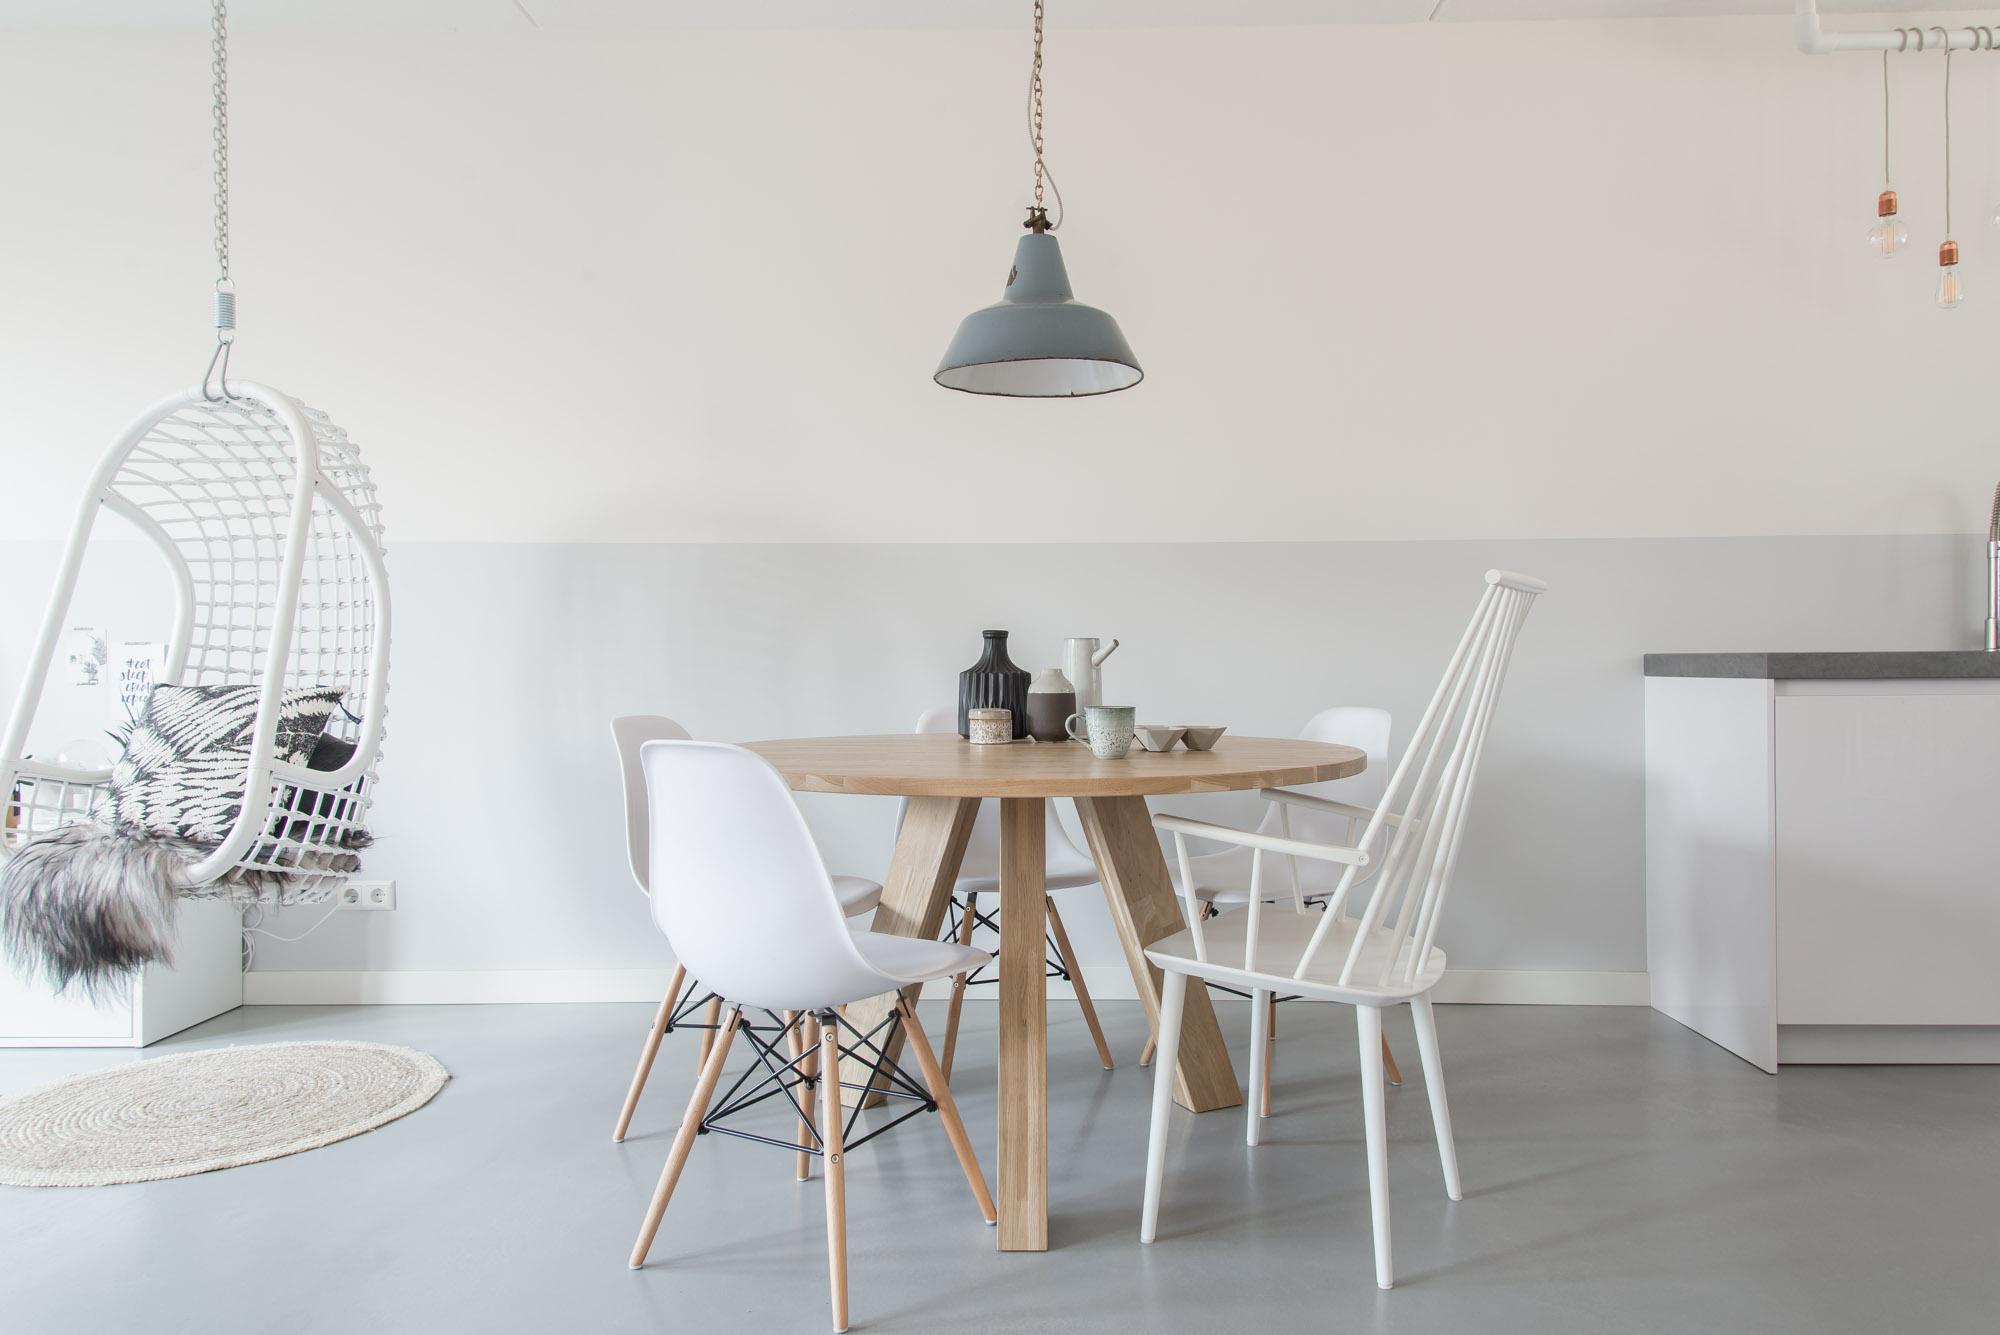 Ronde Tafel Scandinavisch Design.Tafel Met Verschillende Stoelen Mix En Match Je Favoriete Stoelen